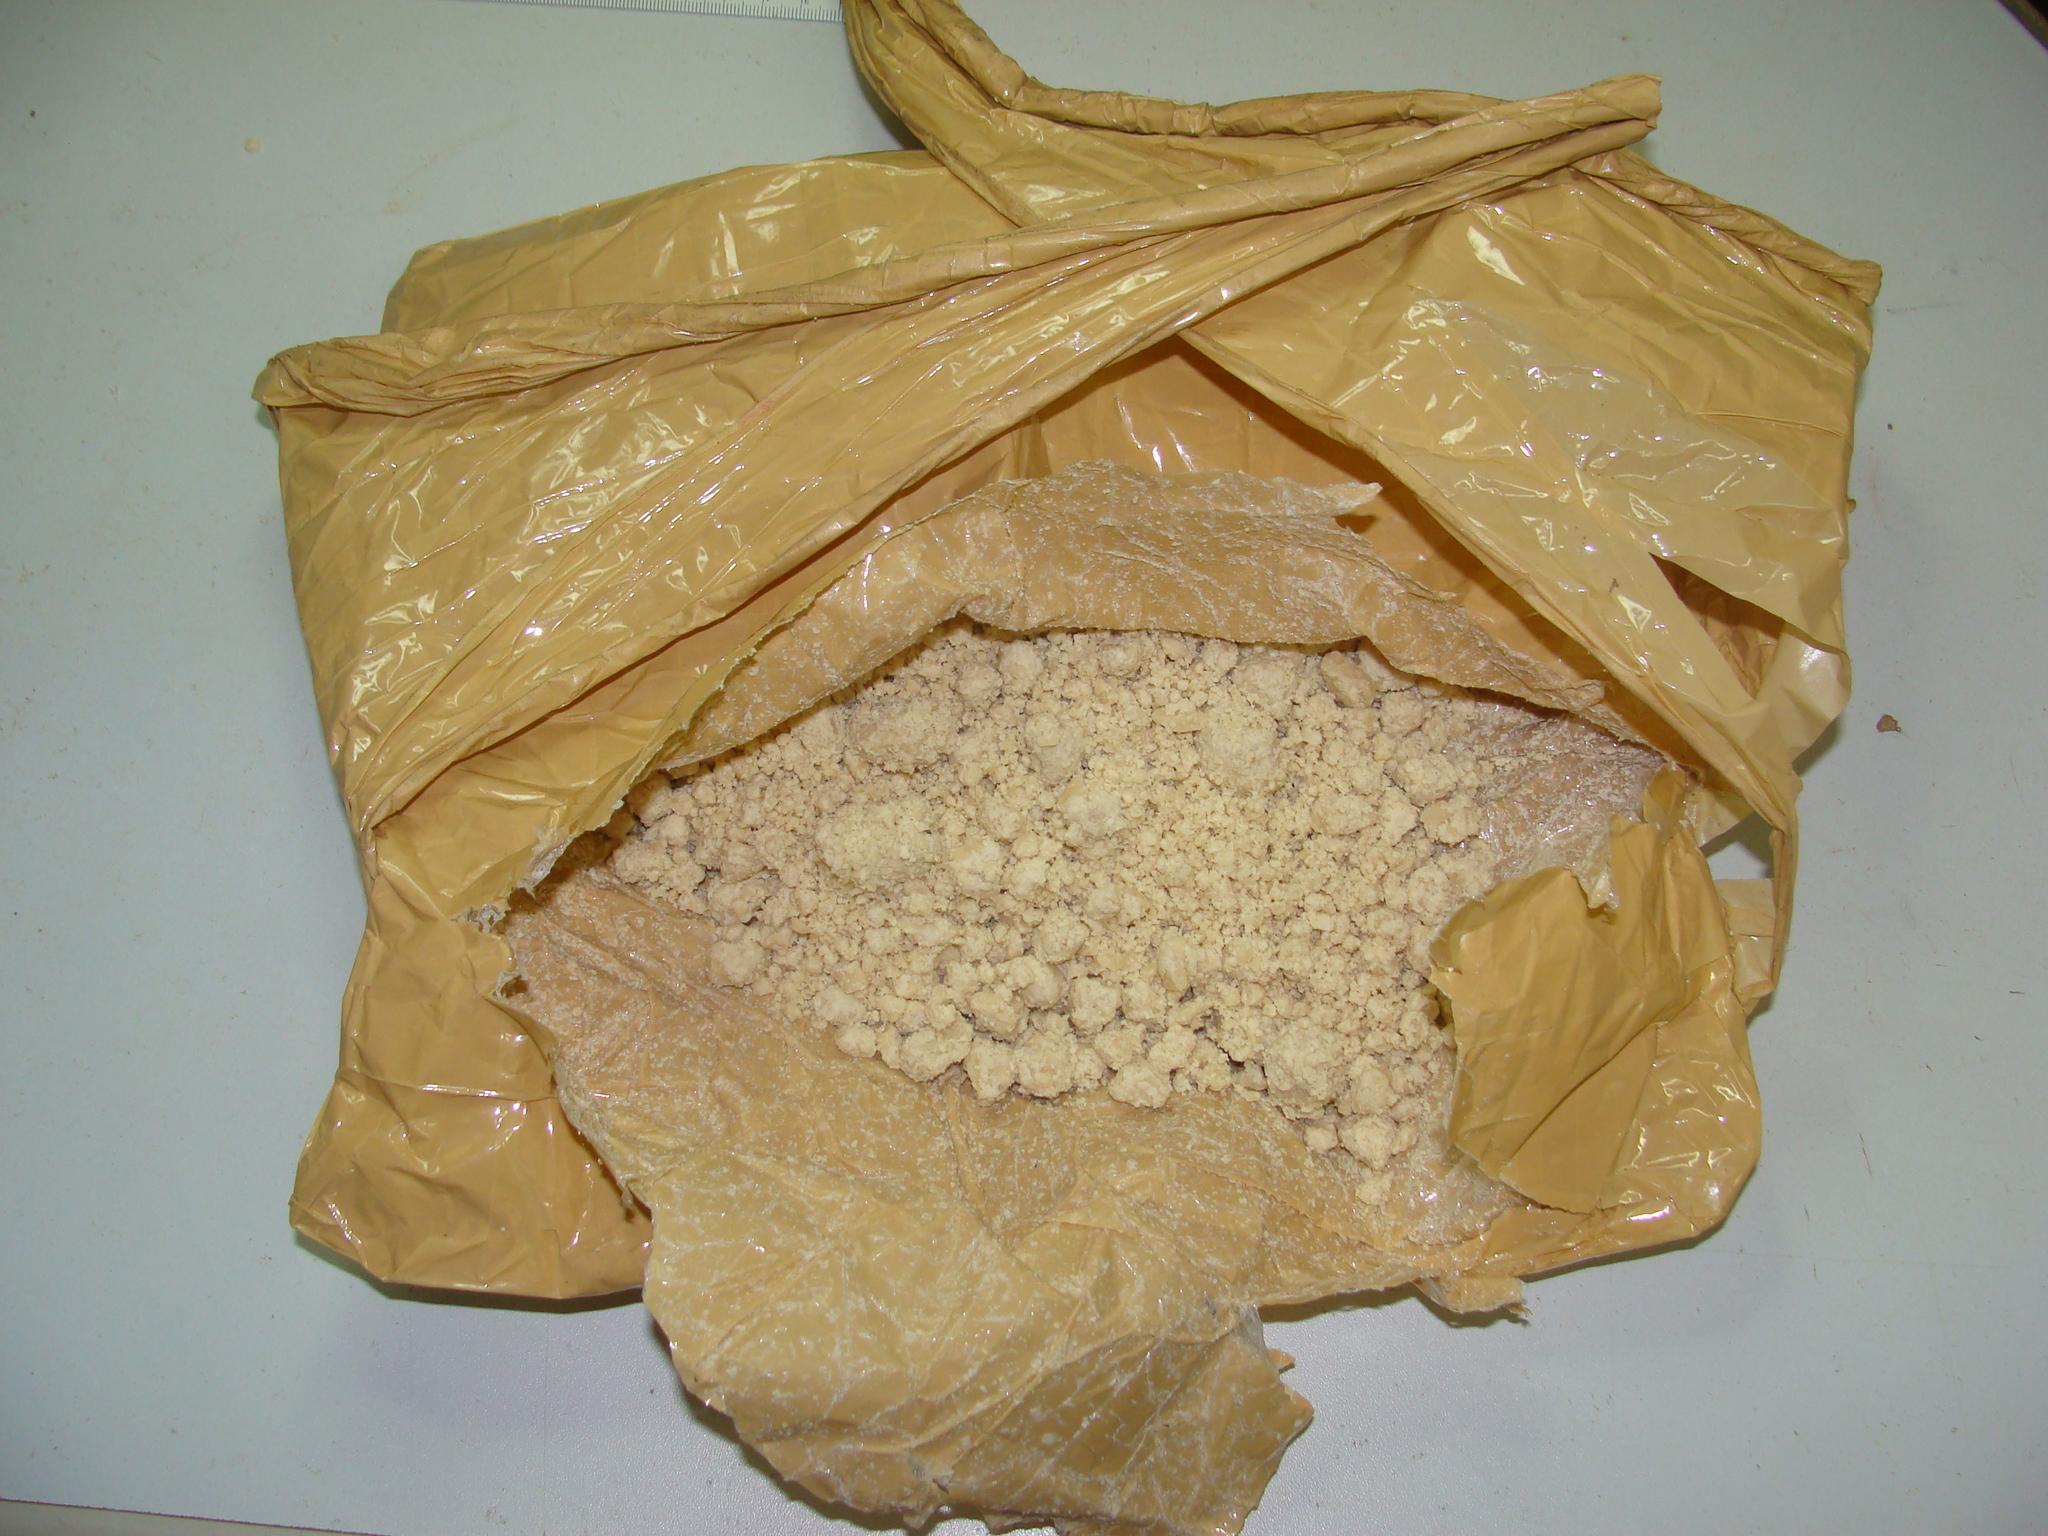 Resultado de imagem para pasta de cocaina